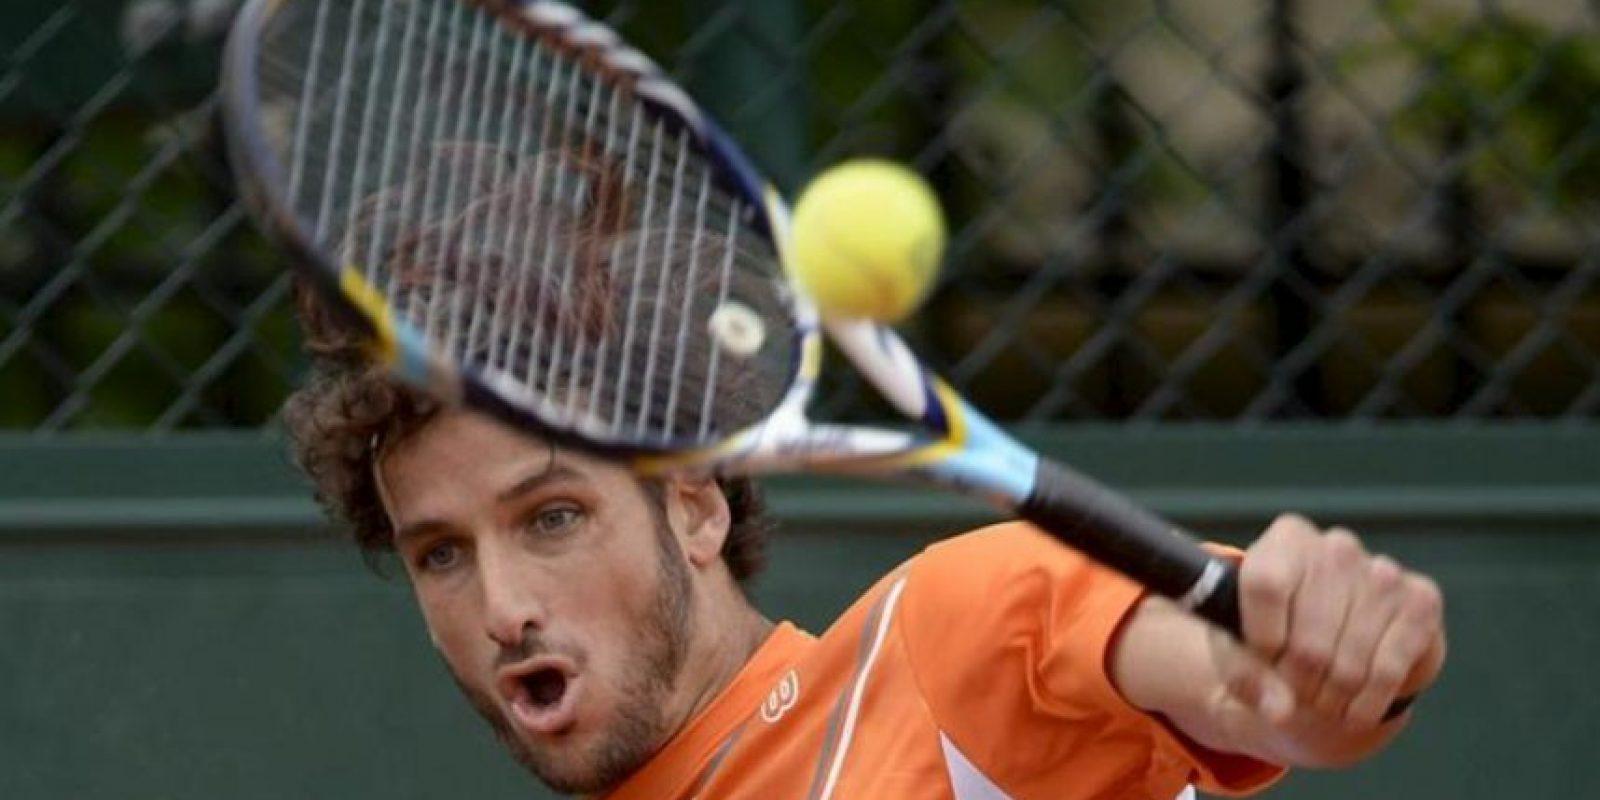 El tenista español Feliciano López, devuelve la bola al portugués Joao Sousa, durante el partido de hoy de segunda ronda del torneo Roland Garros de tenis disputado en París (Francia). EFE